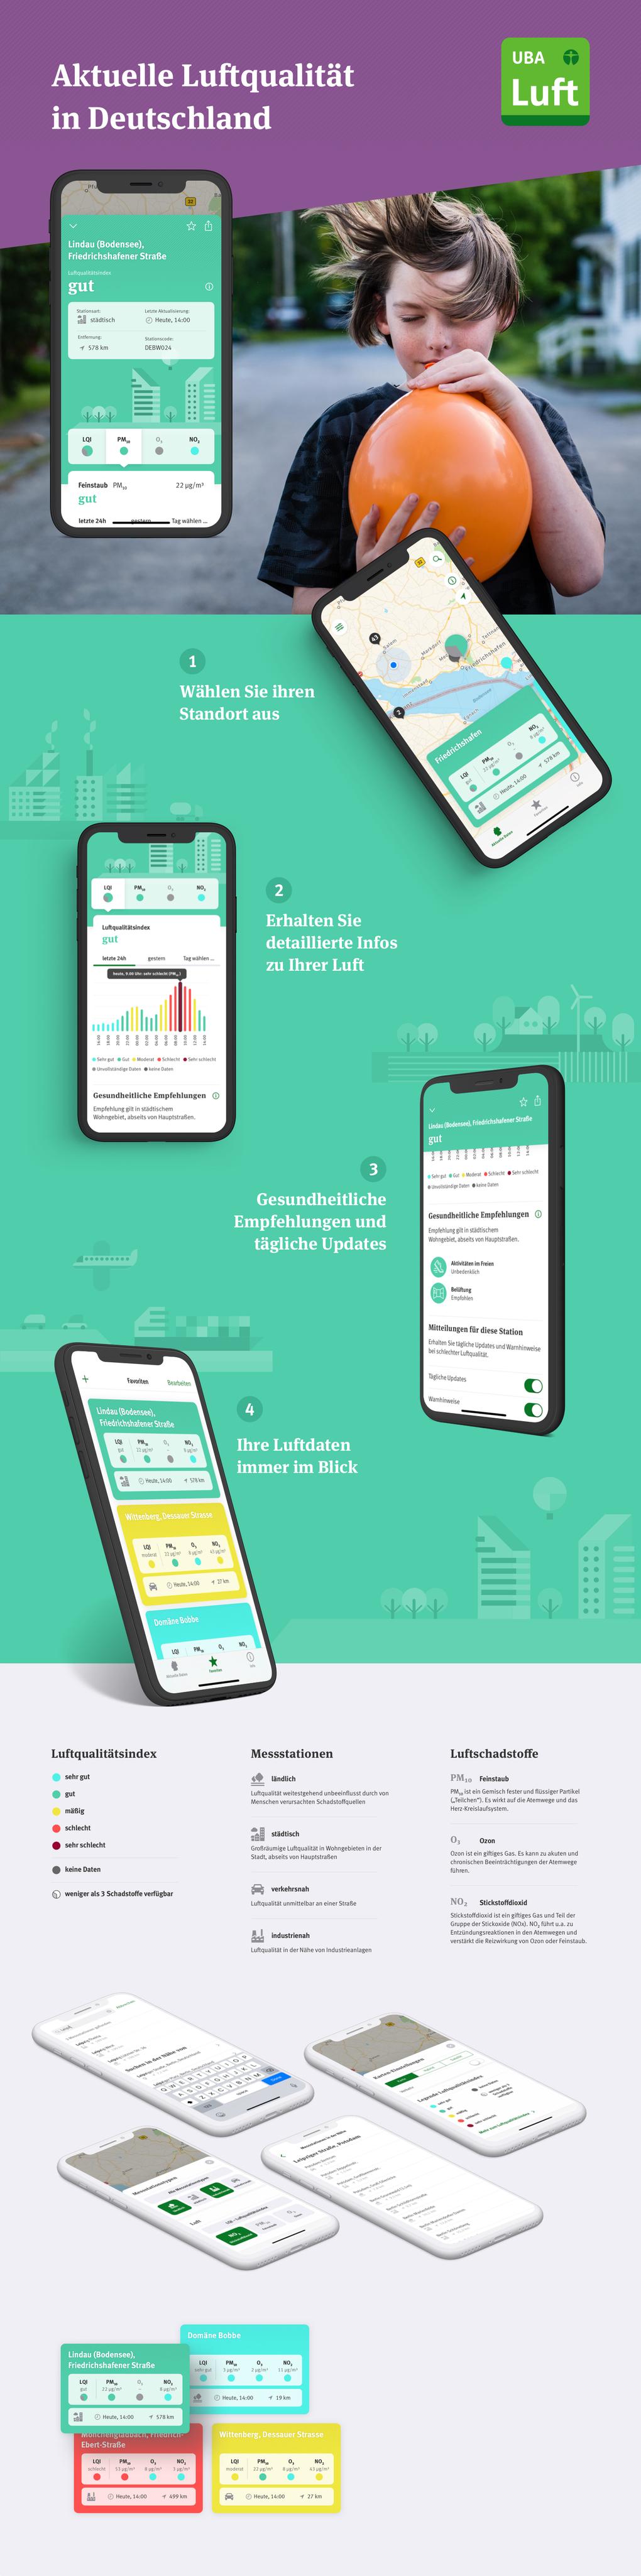 """Projektaufbereitung für die App """"Luftqualität"""" des Umweltbundesamtes"""